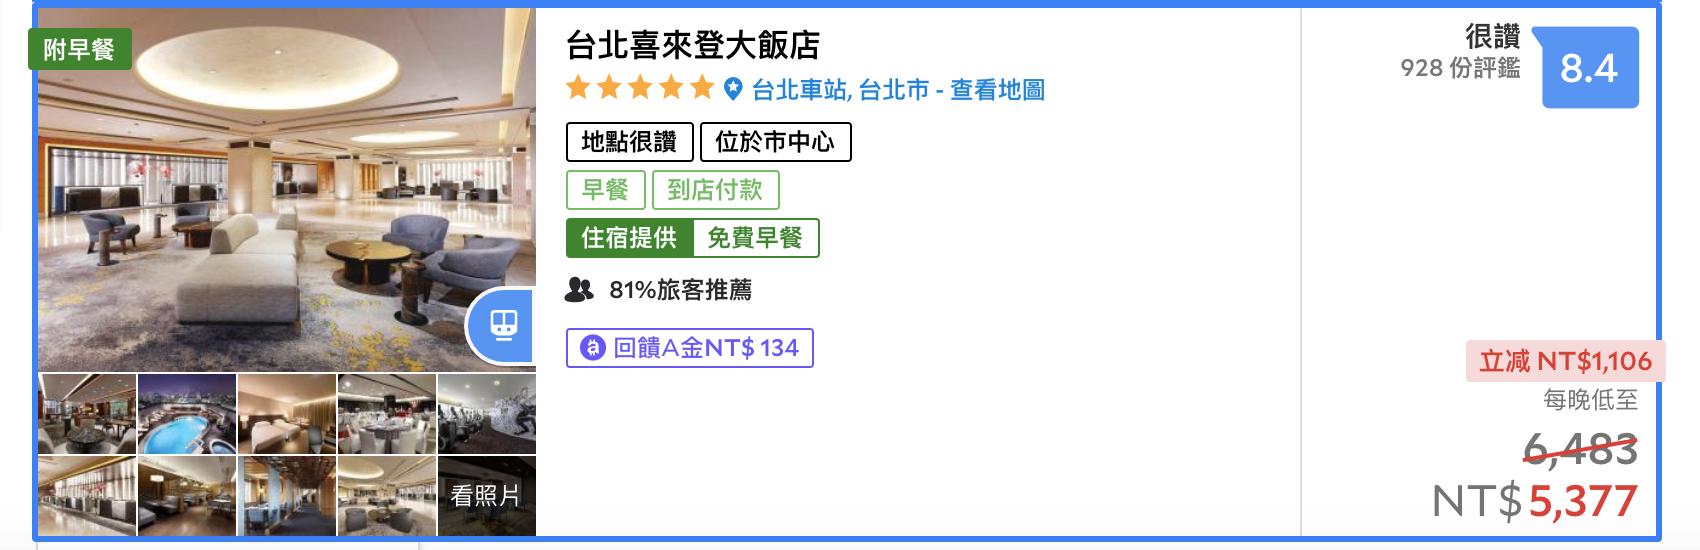 台北+礁溪兩間五星,雙地雙泊饗雙食,二泊二食,6300含稅!